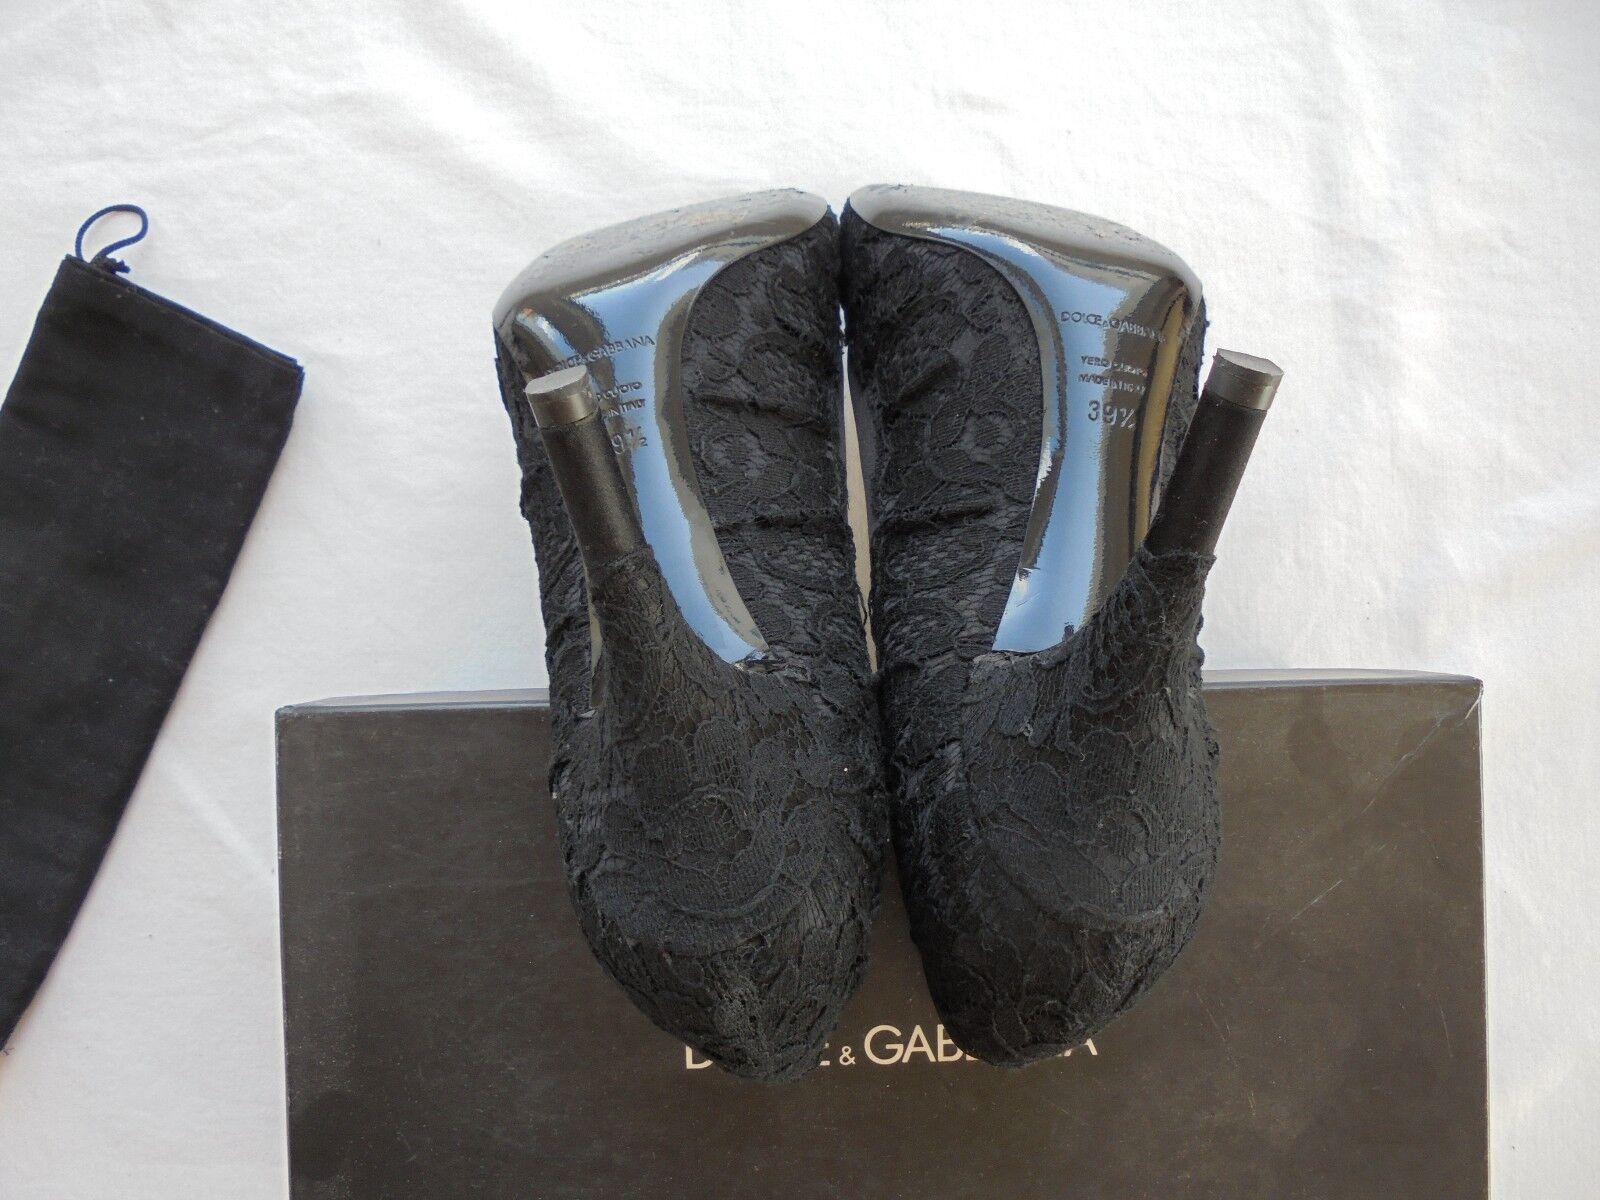 Dolce&Gabbana Spitze Leder High NEU Heels NP:  w NEU High Pumps Schuhe Gr. 39 39,5 40 a200c7